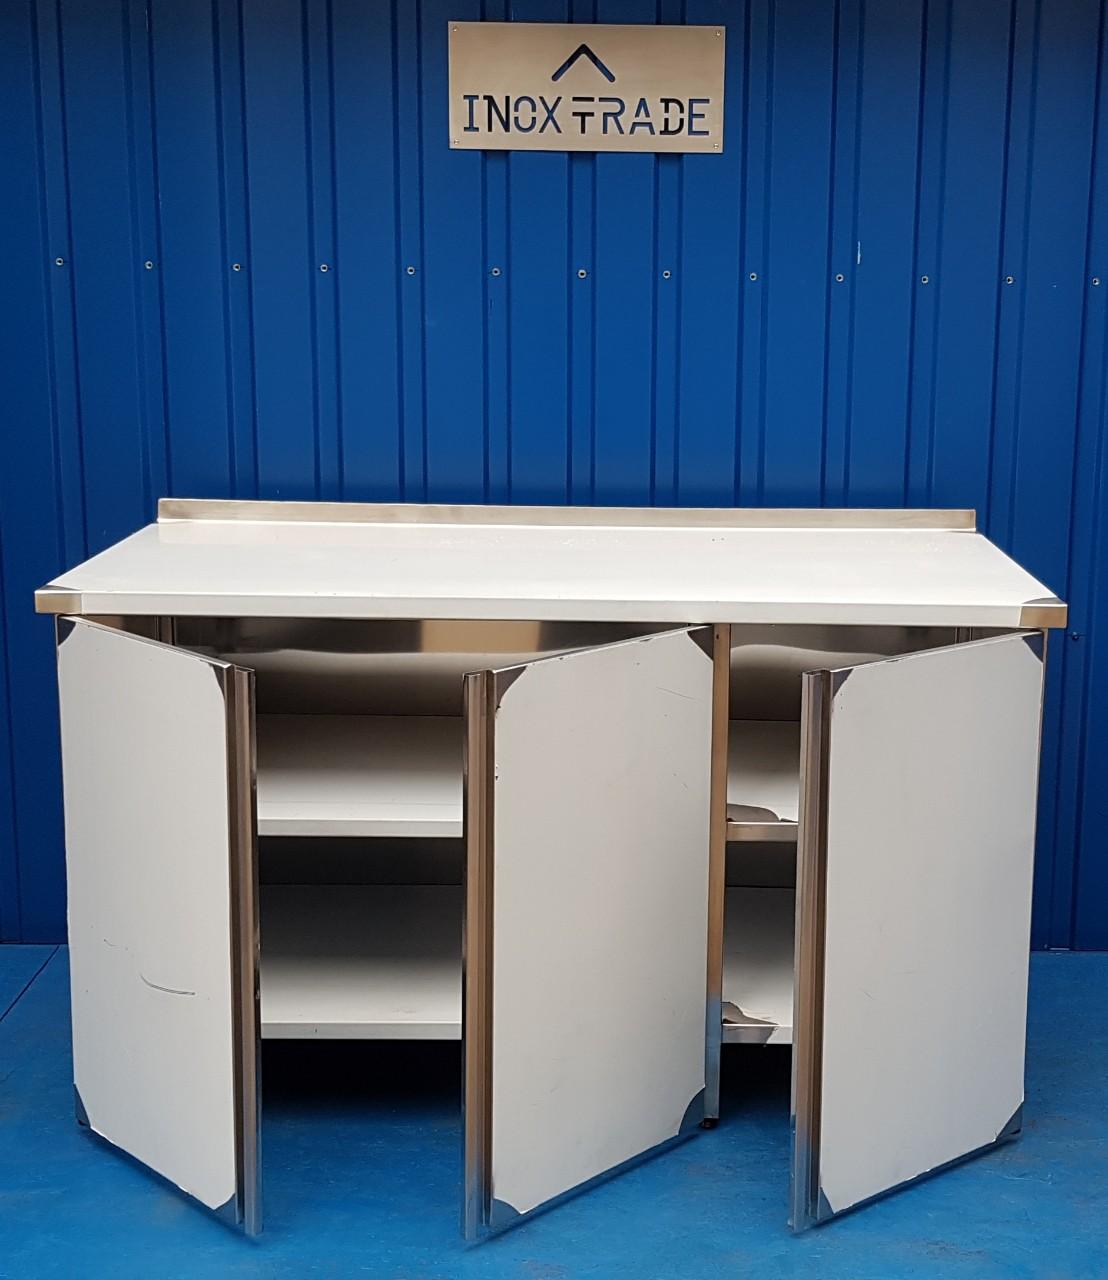 Стол производственный закрытый 1700мм x 600мм x 850мм - фотография